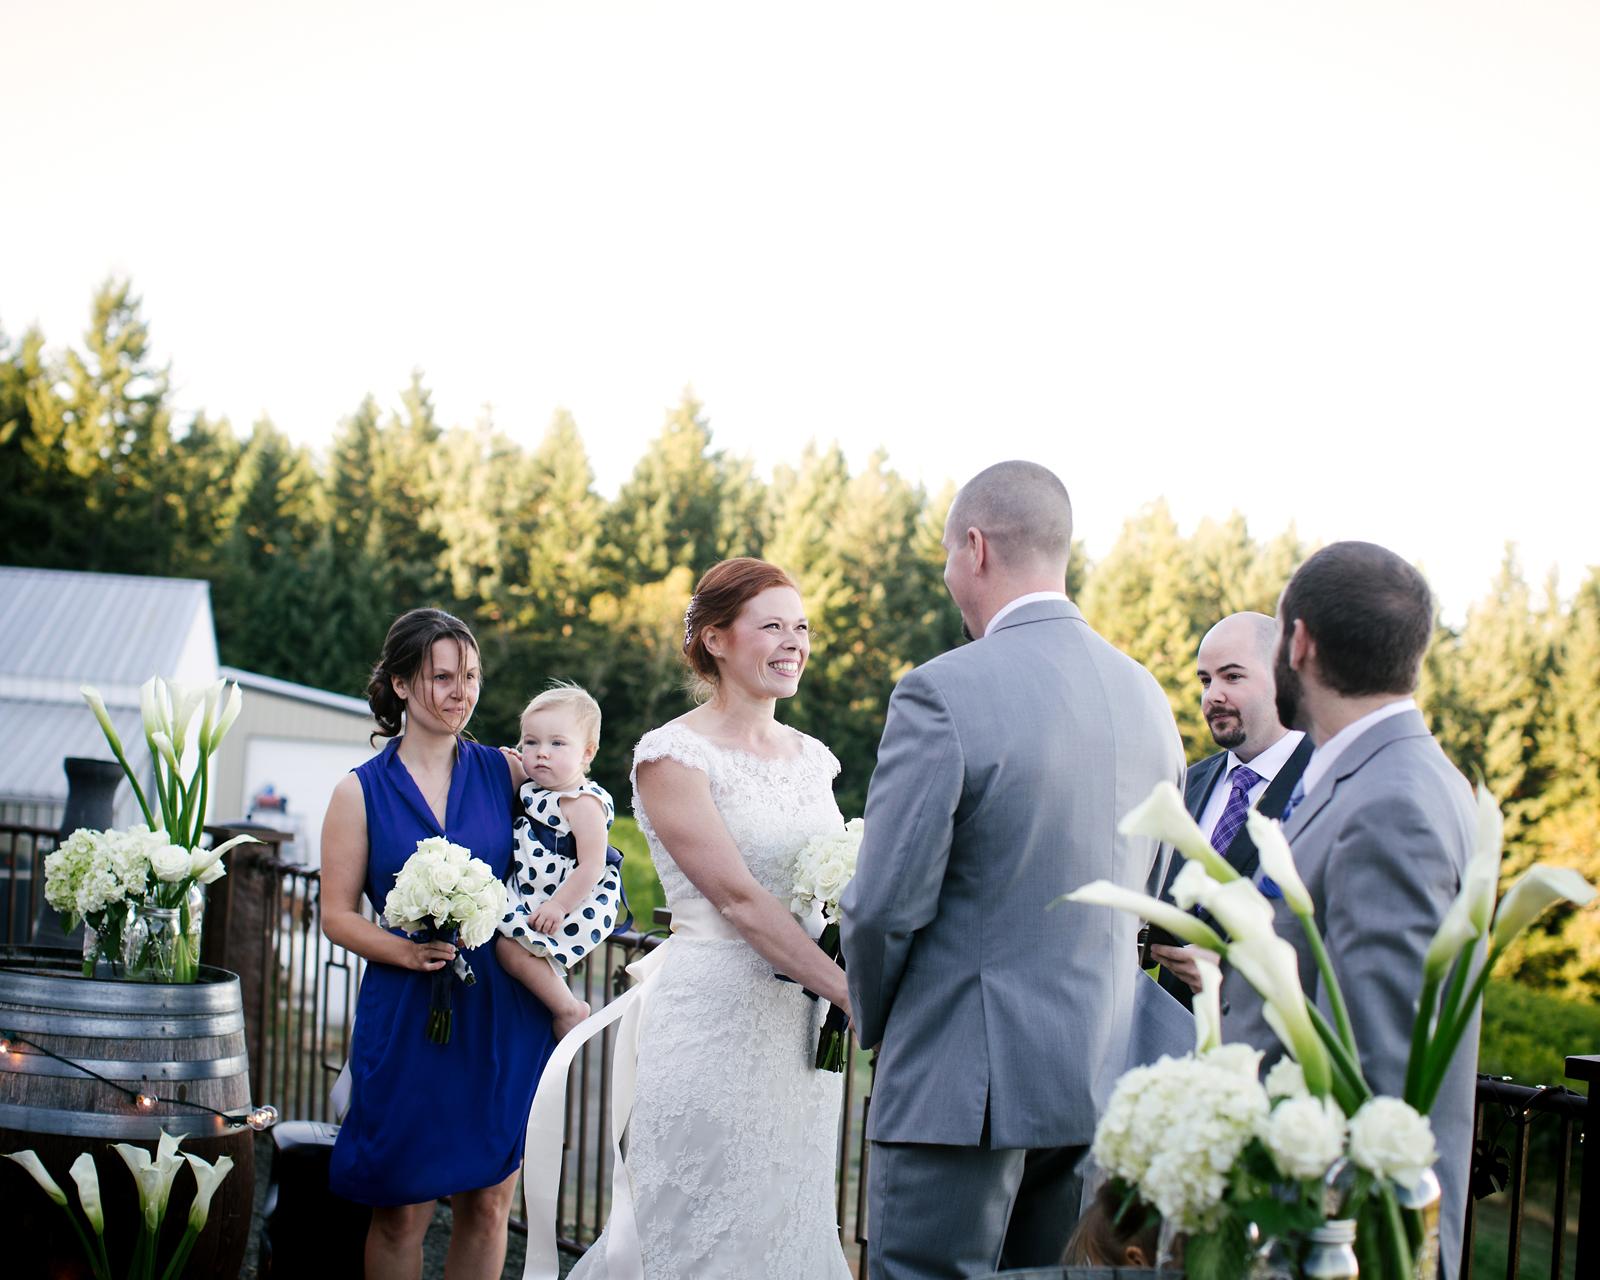 030-daronjackson-rich-wedding.jpg